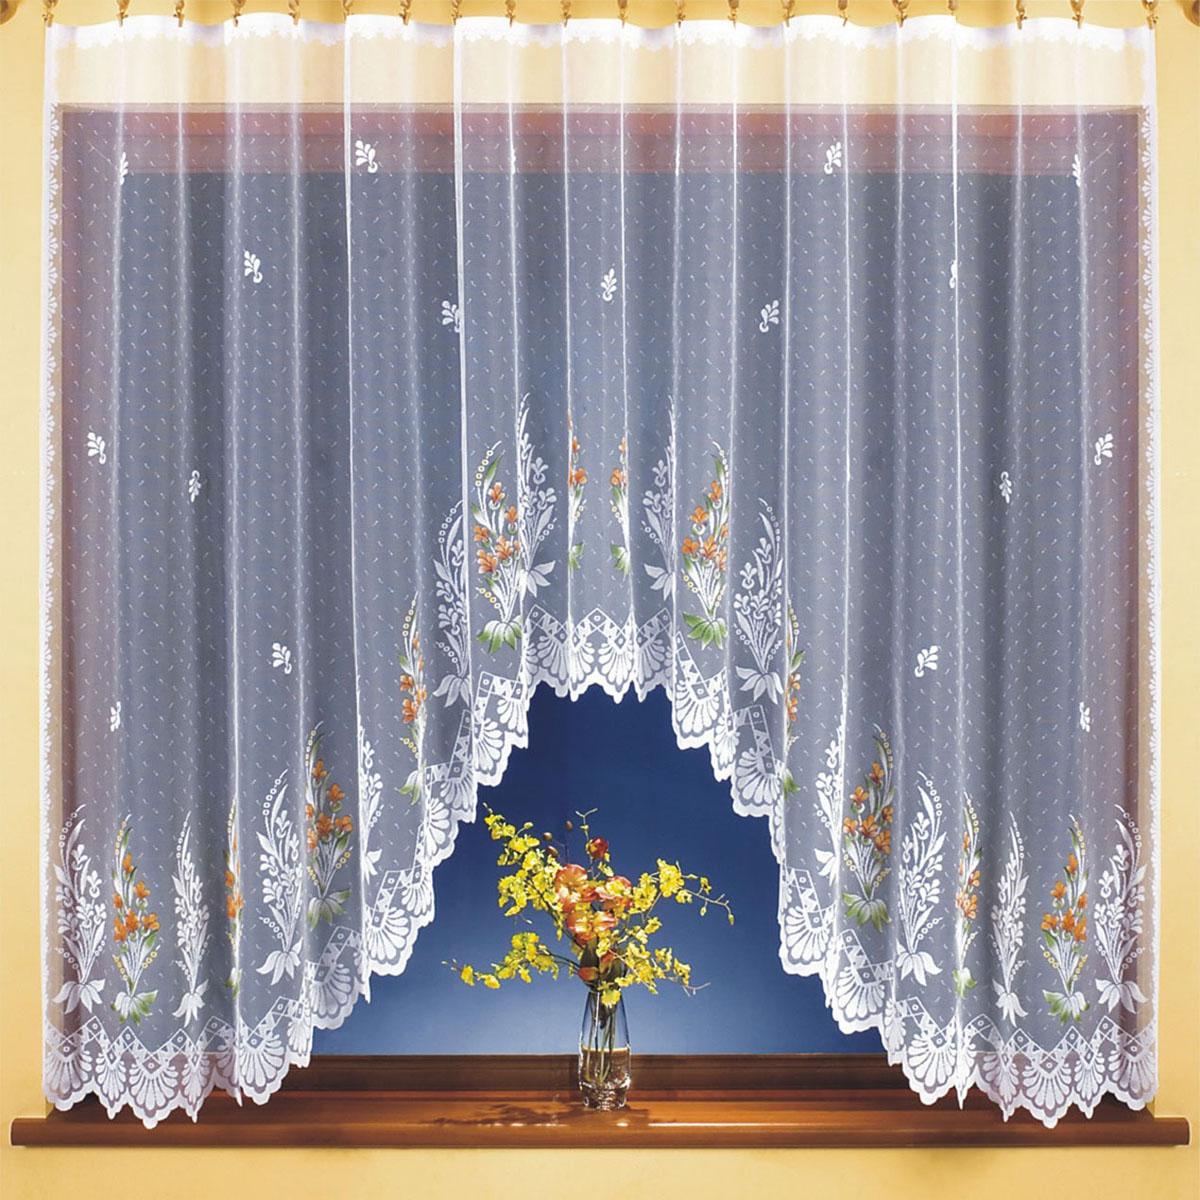 Гардина Wisan, цвет: белый, ширина 300 см, высота 150 см. 98129812вид крепления - под зажимы для штор Размеры: ширина 300*высота 150